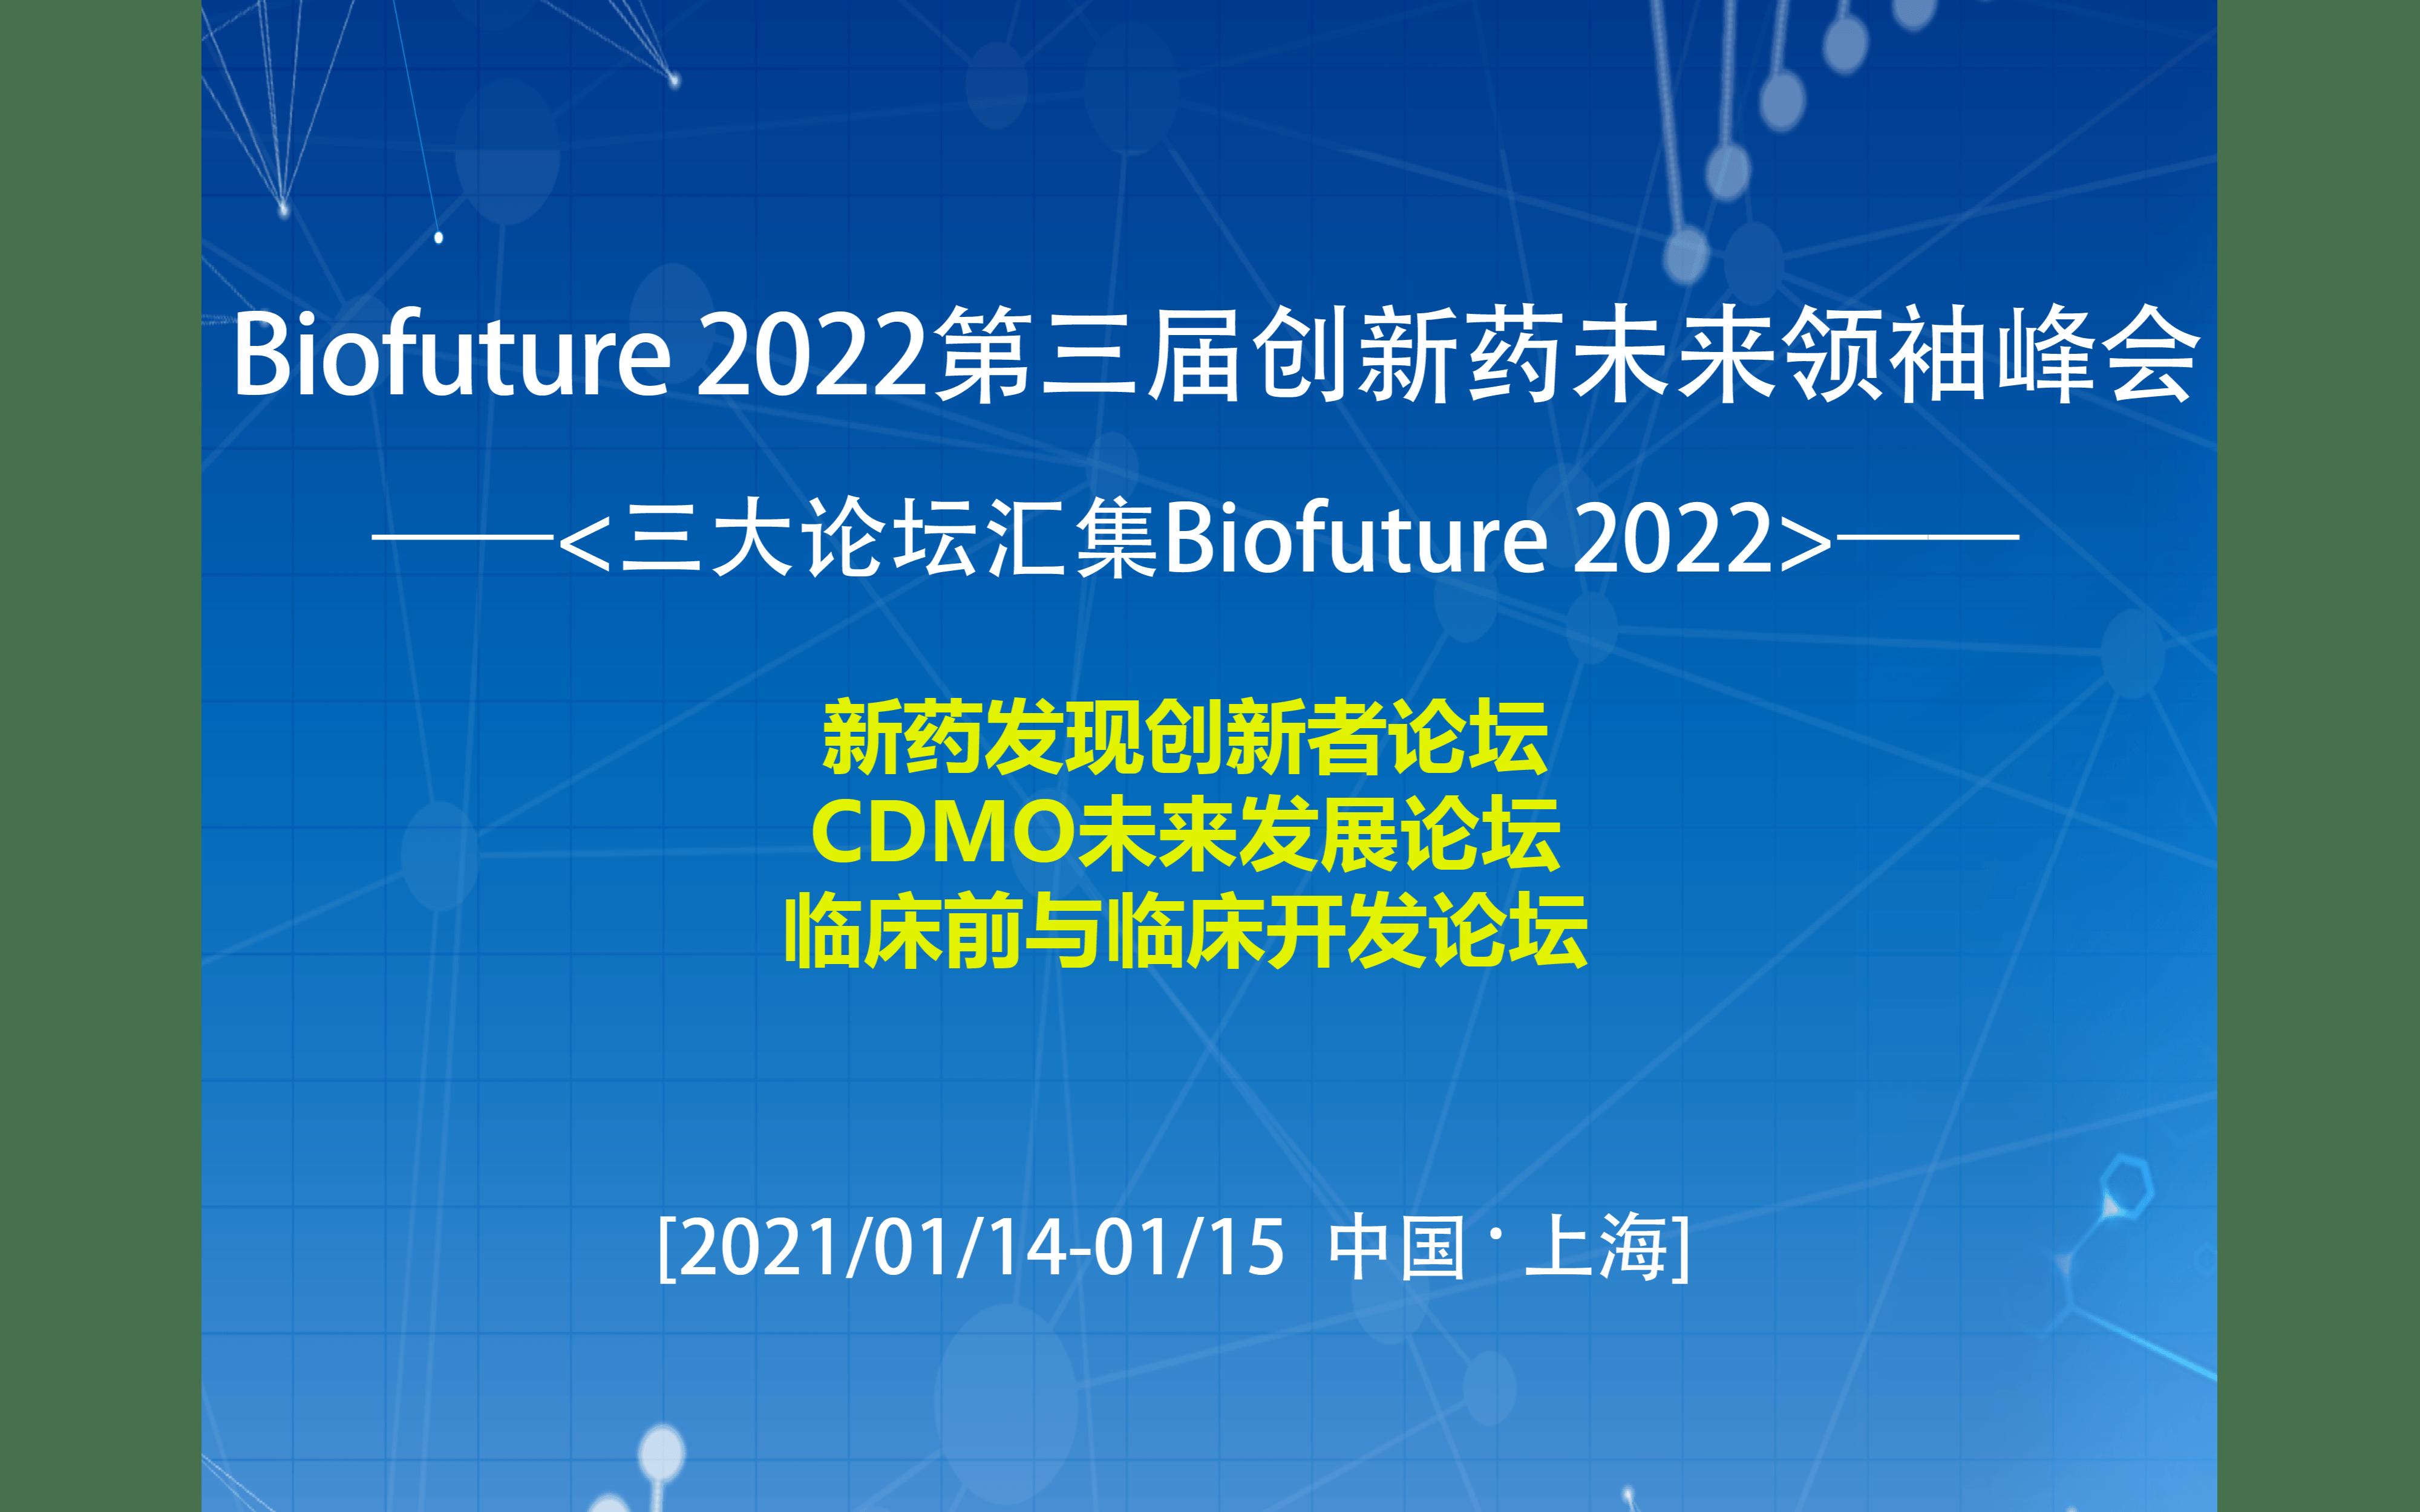 Biofuture 2022 第三届创新药未来领袖峰会